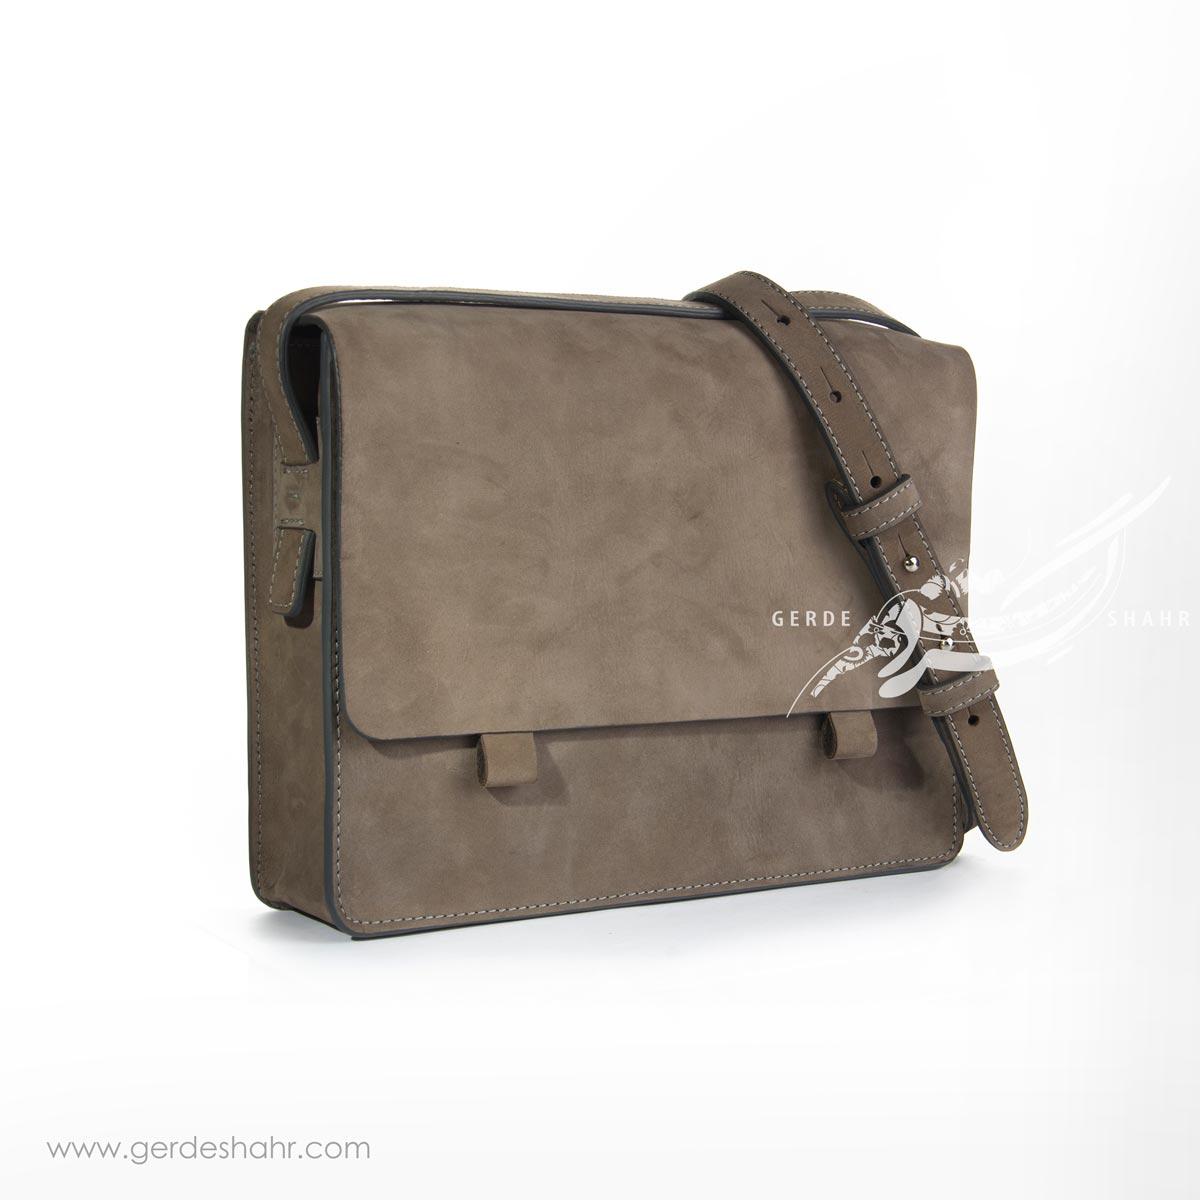 کیف بزرگ دوشی چرم خاکستری وریا گنجه رخت